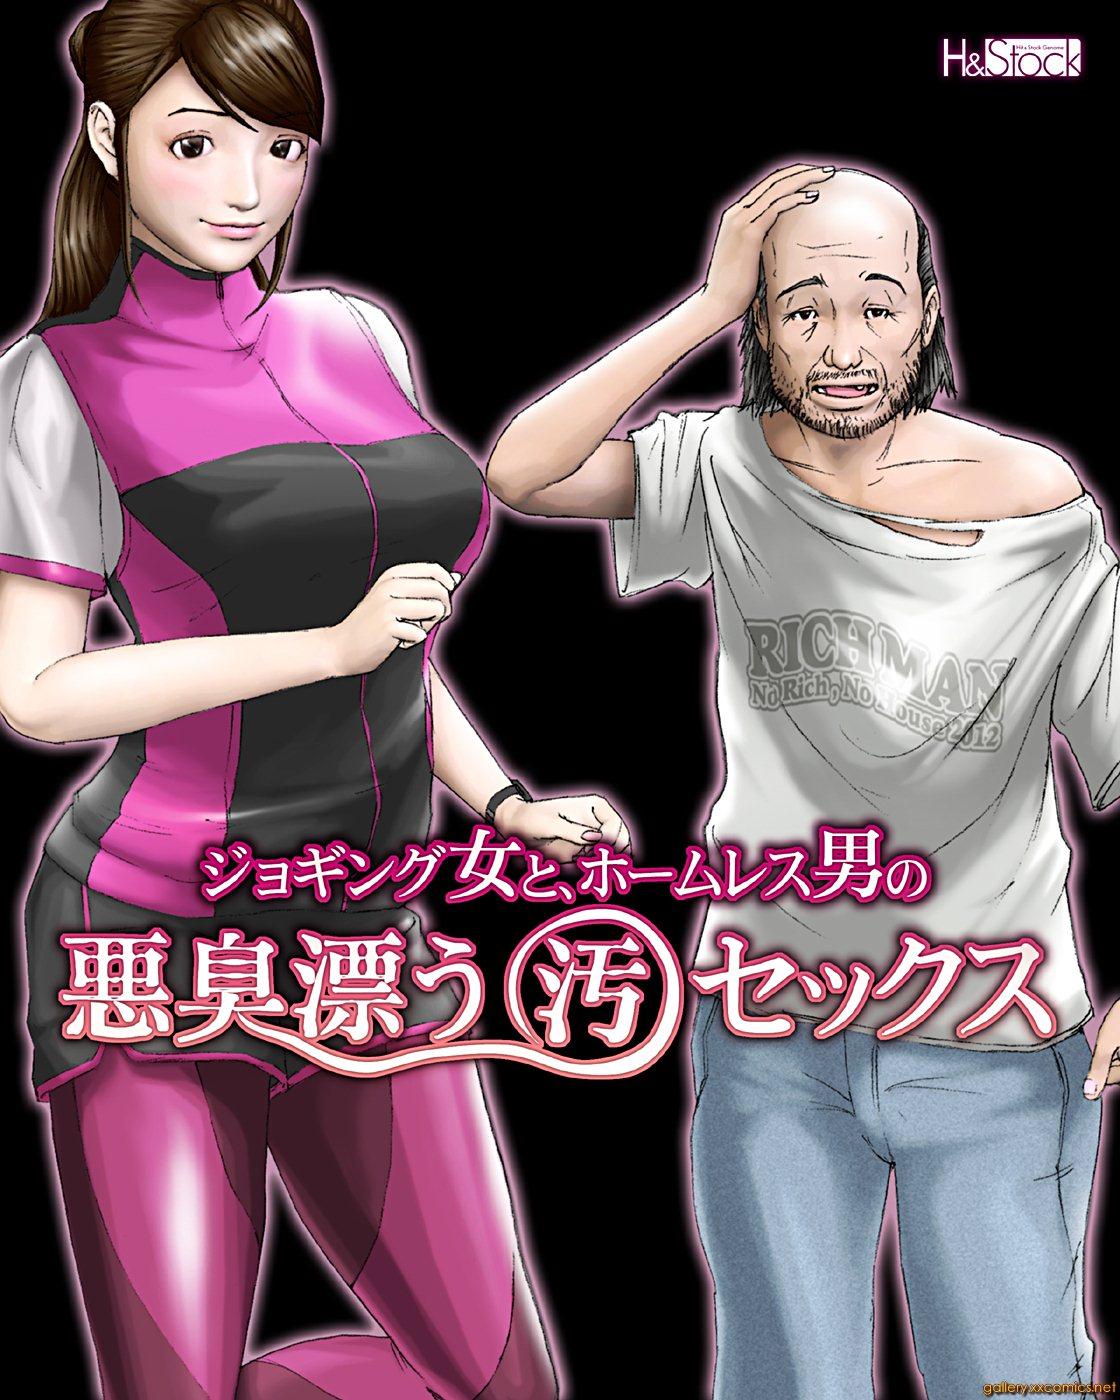 Porn Comics - Japanese Hentai Comics porn comics 8 muses